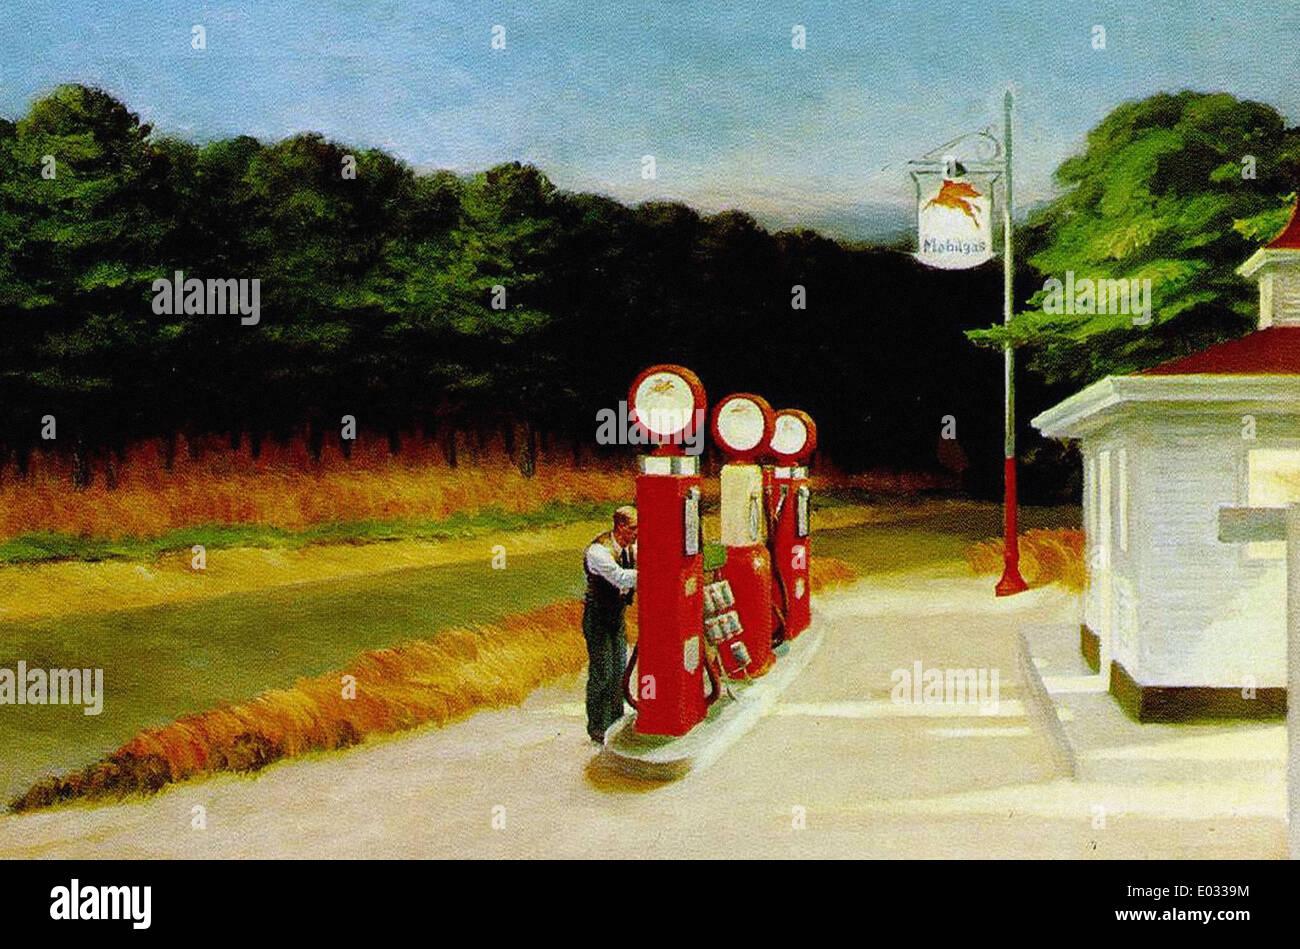 Edward Hopper Gas - Stock Image